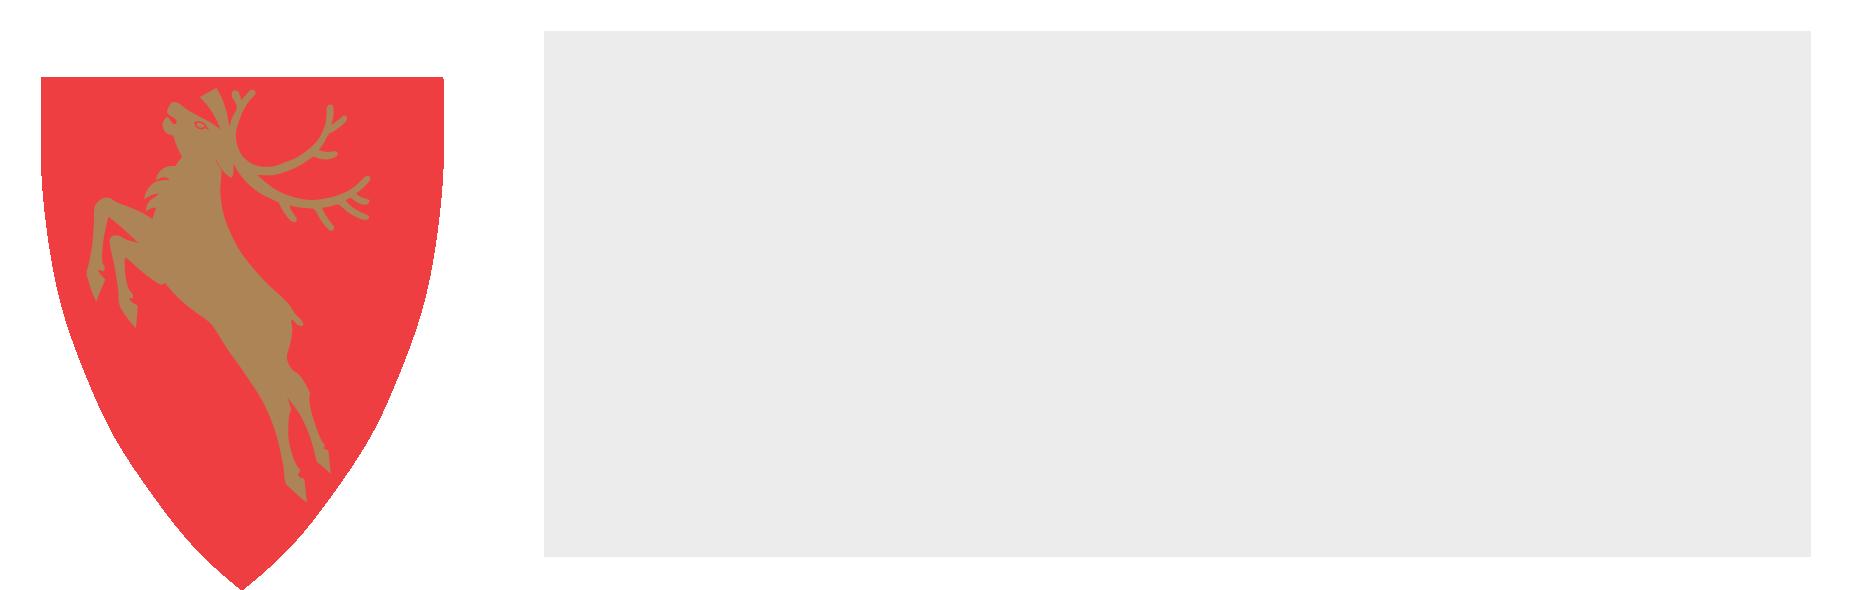 vaga-logo.png